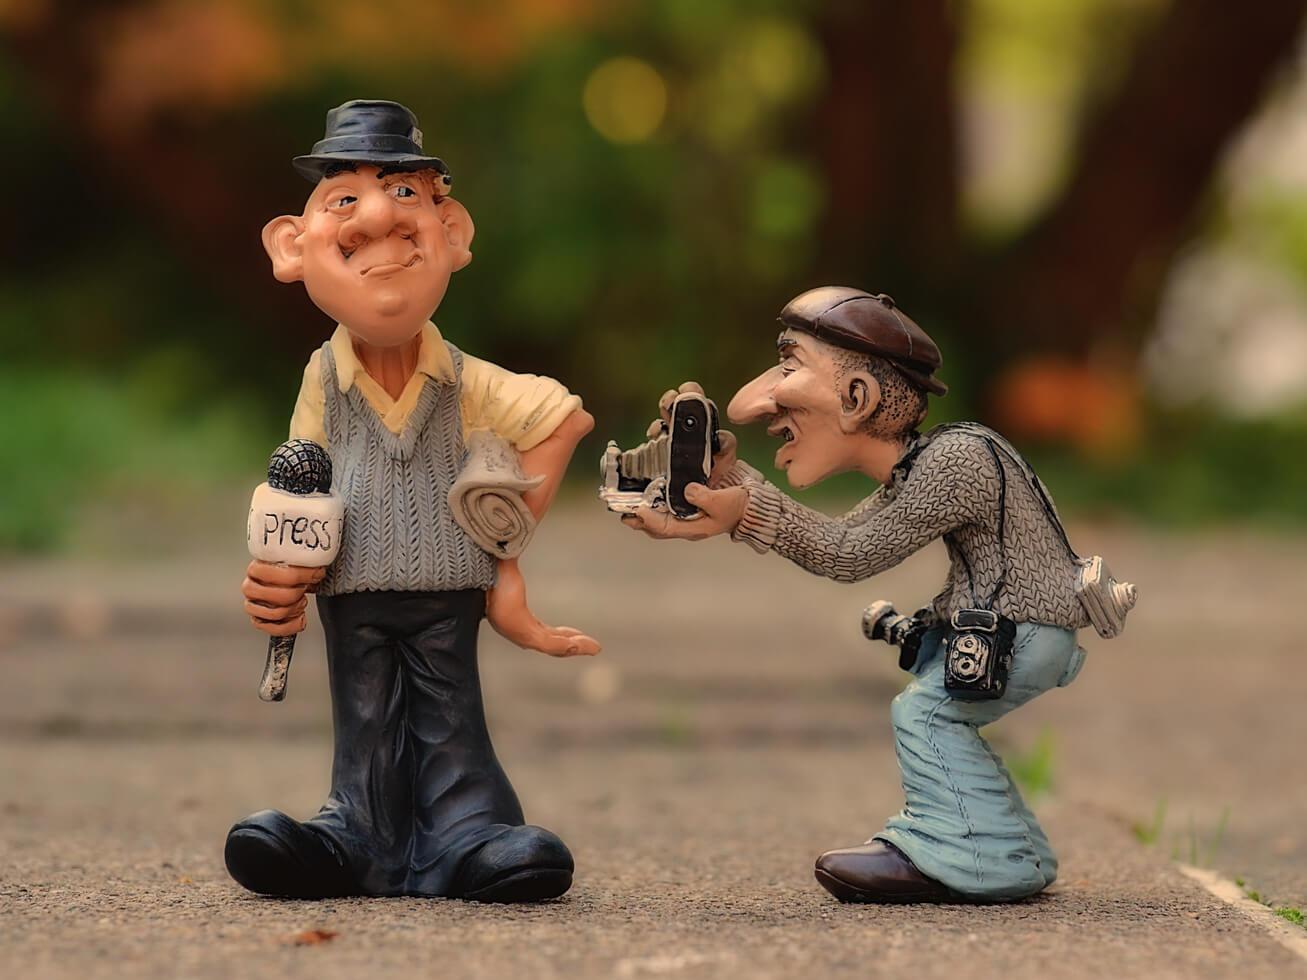 取材する新聞記者のフィギアの写真